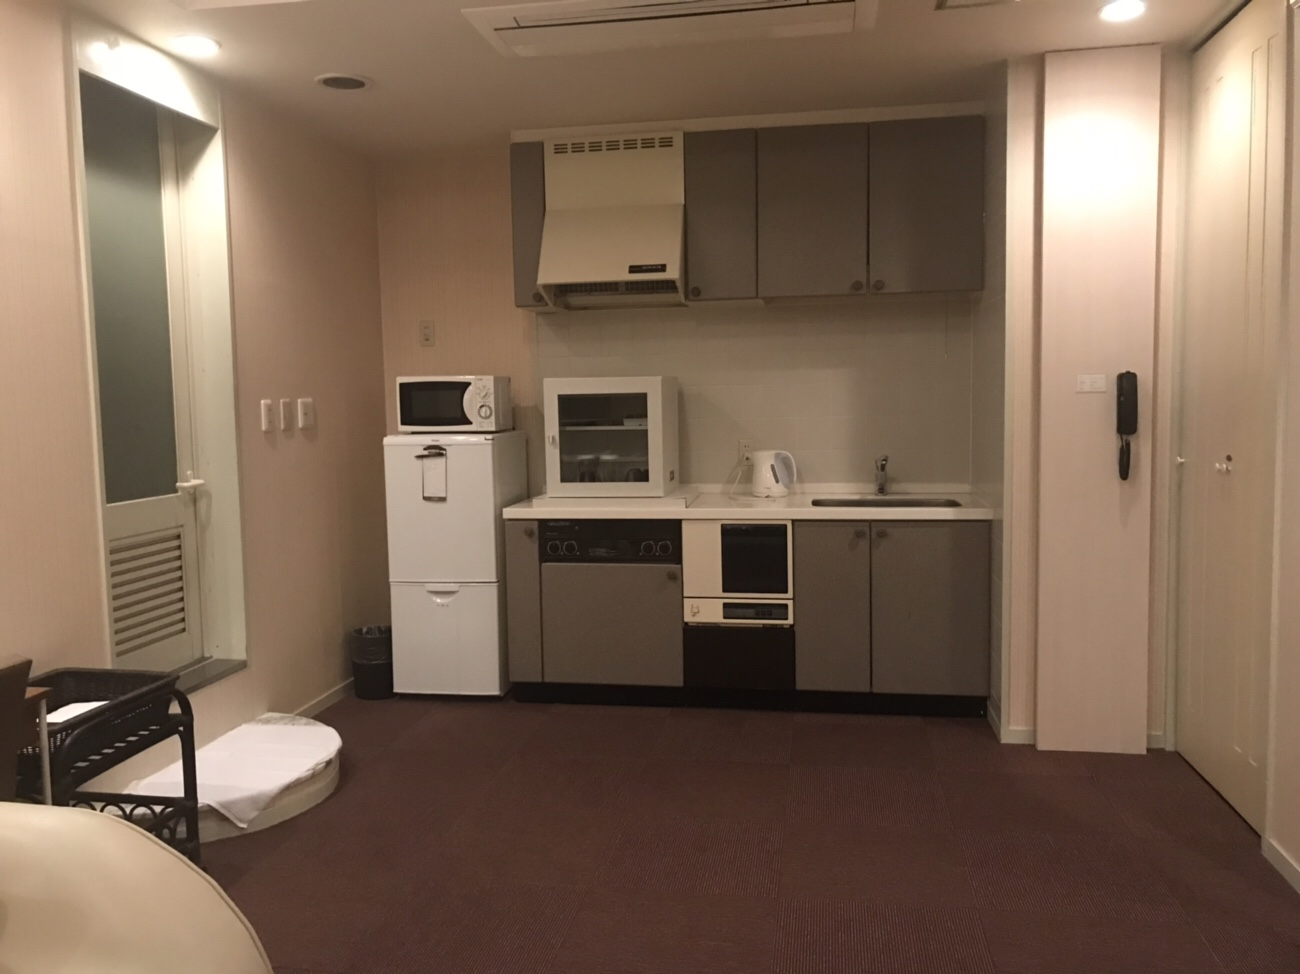 大阪ホテルライブアーテックス 感想